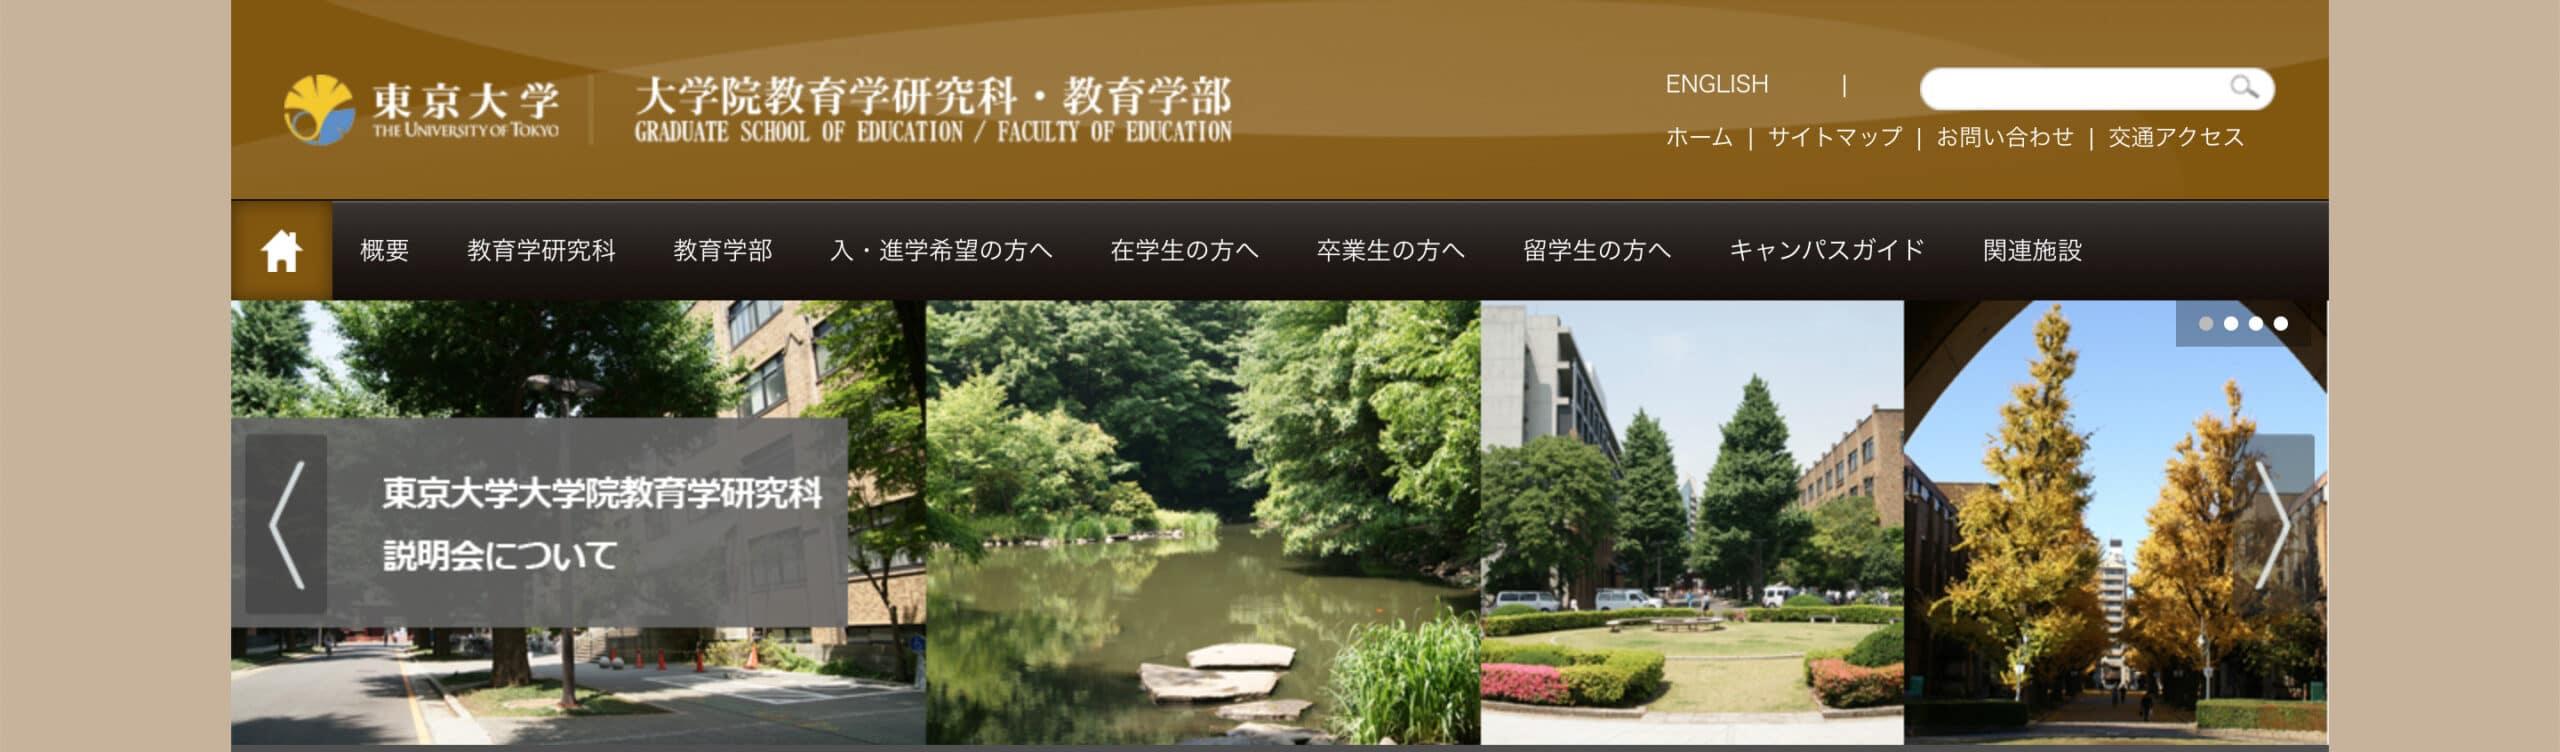 東京大学|大学院教育学研究科・教育学部 scaled